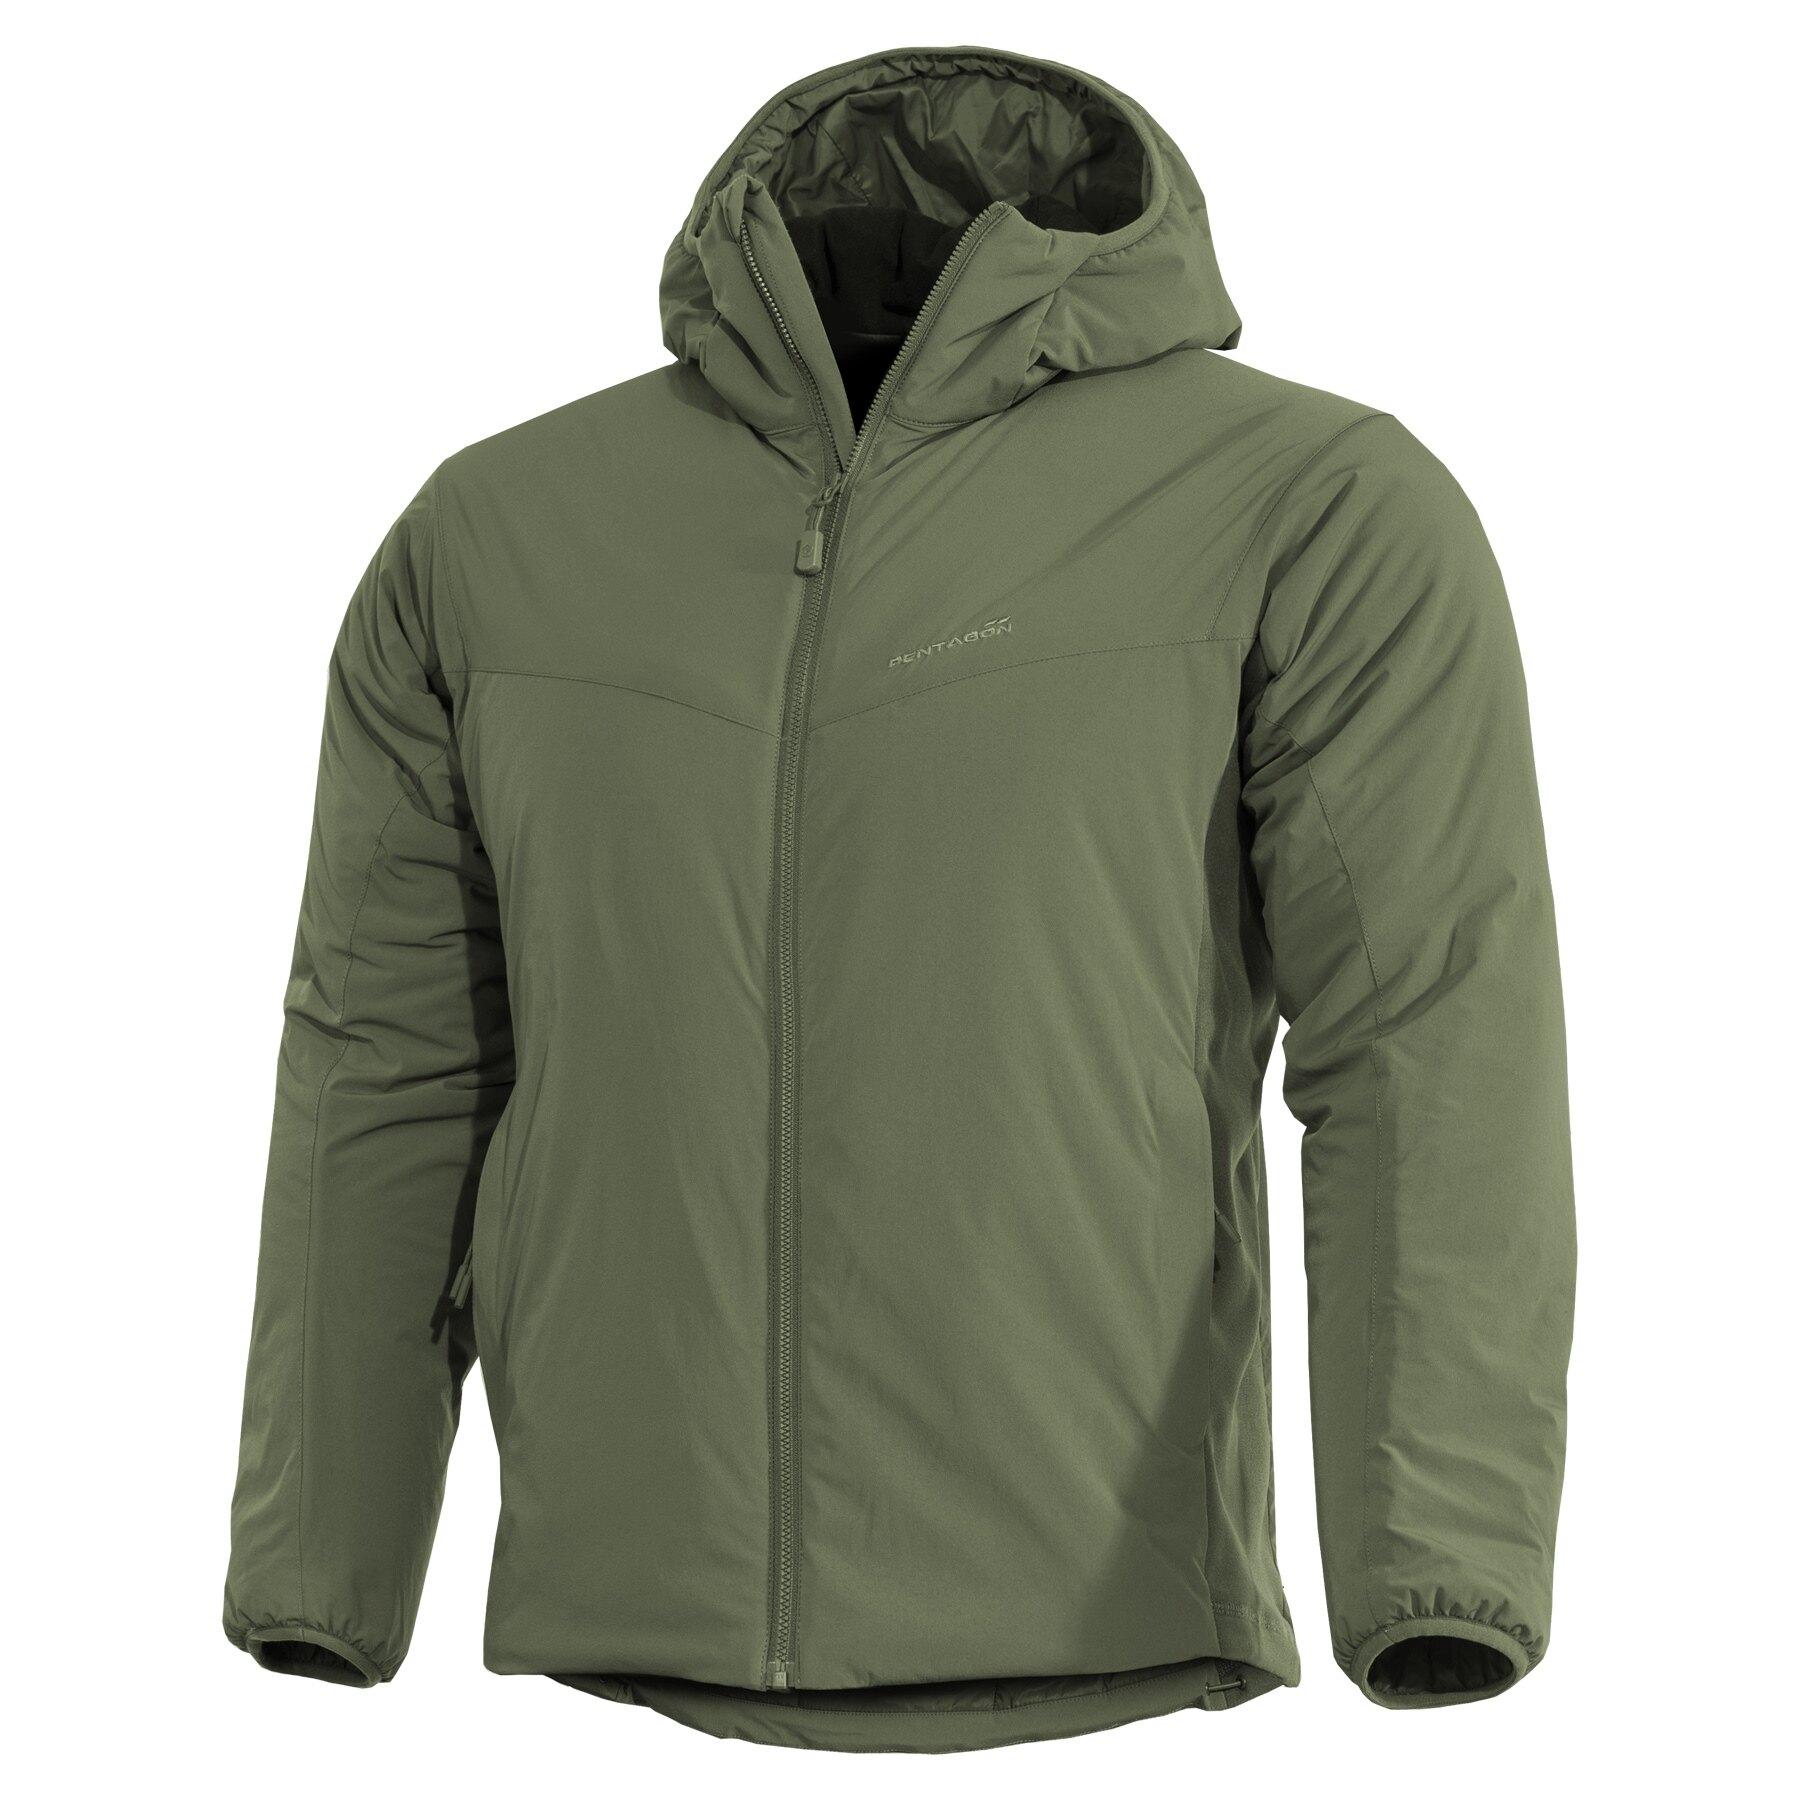 Ľahká zateplená bunda Panthiras Pentagon® – Camo Green (Farba: Camo Green, Veľkosť: 4XL)